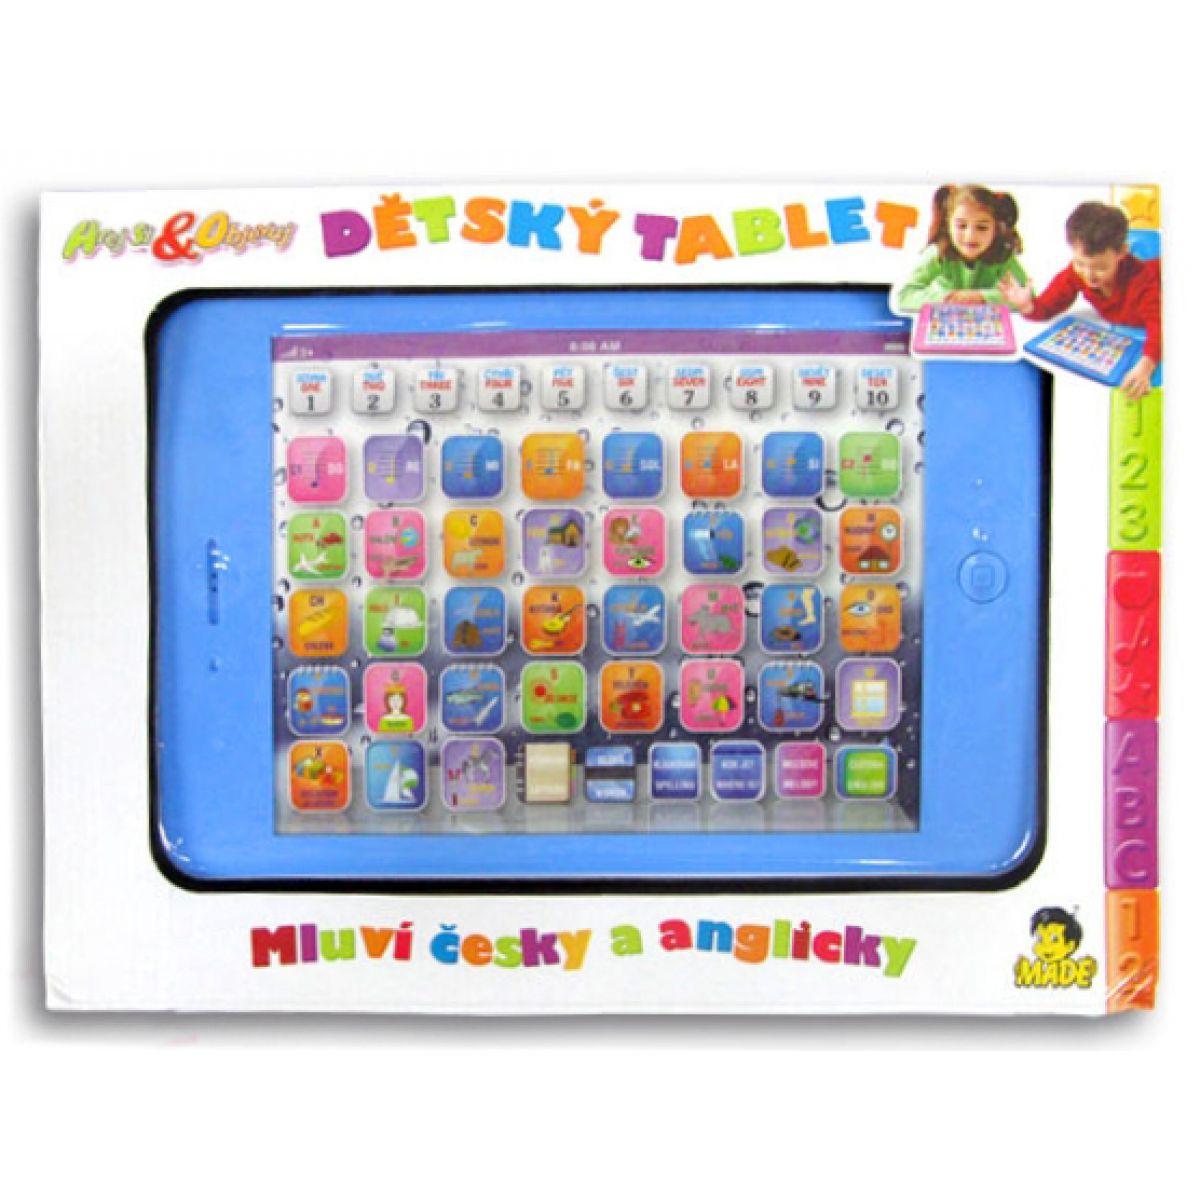 Made Dětský dvojjazyčný tablet